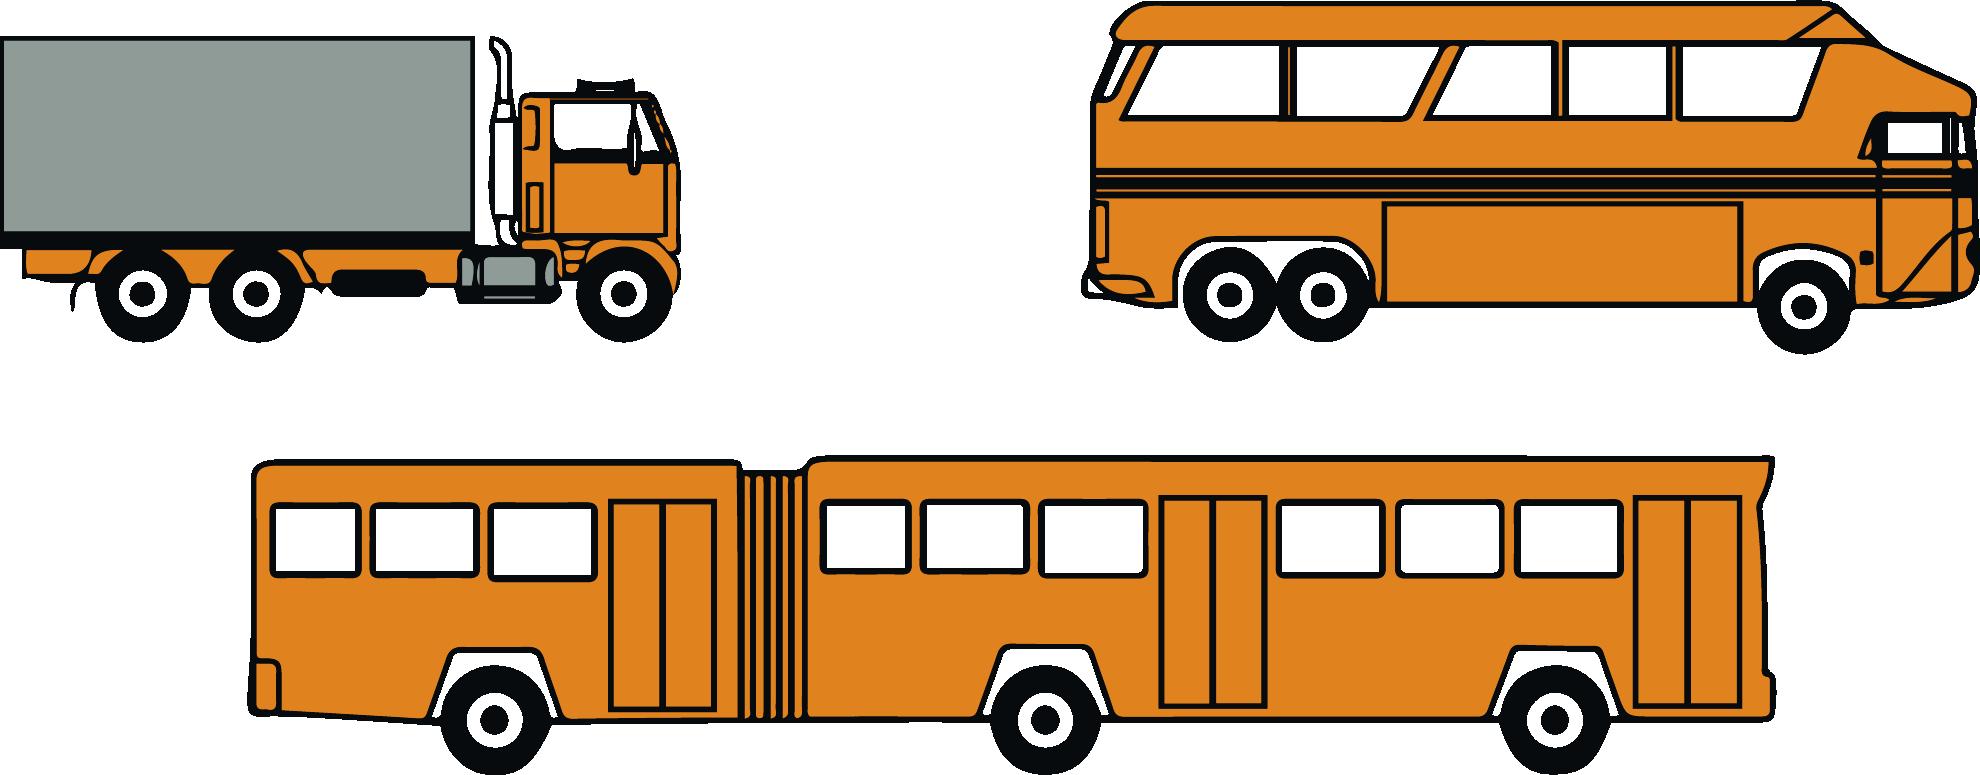 HR Vehicles